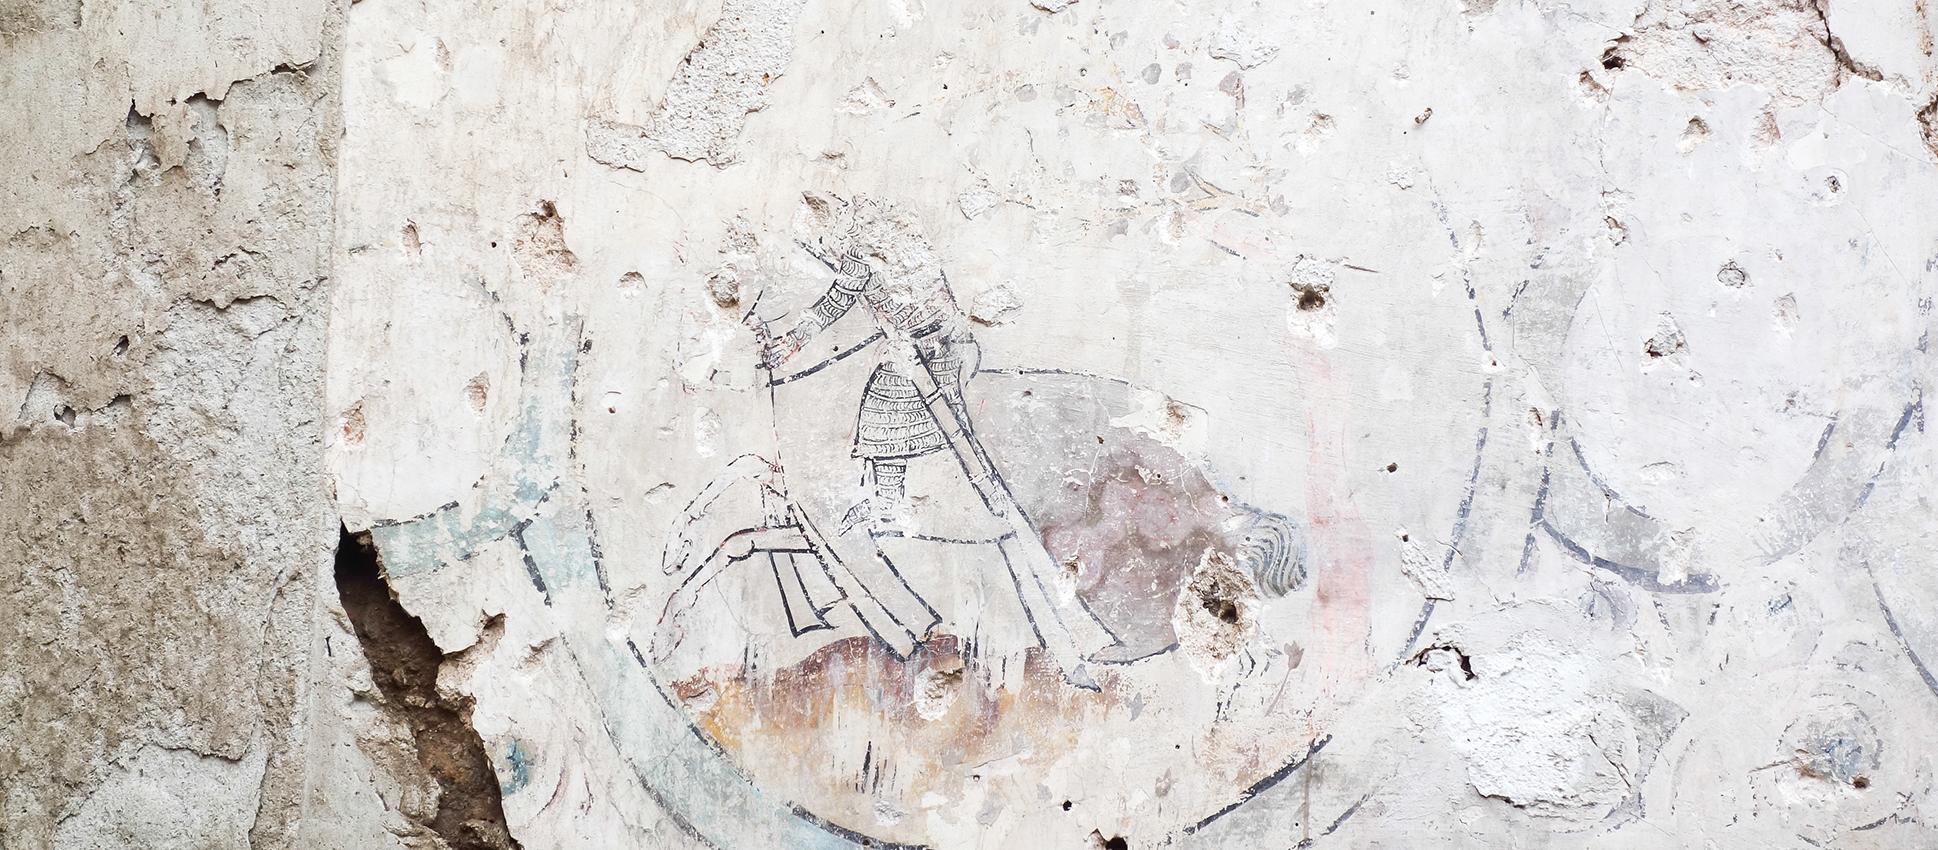 Pintura mural, Cuesta de San Justo nº 6. Toledo.